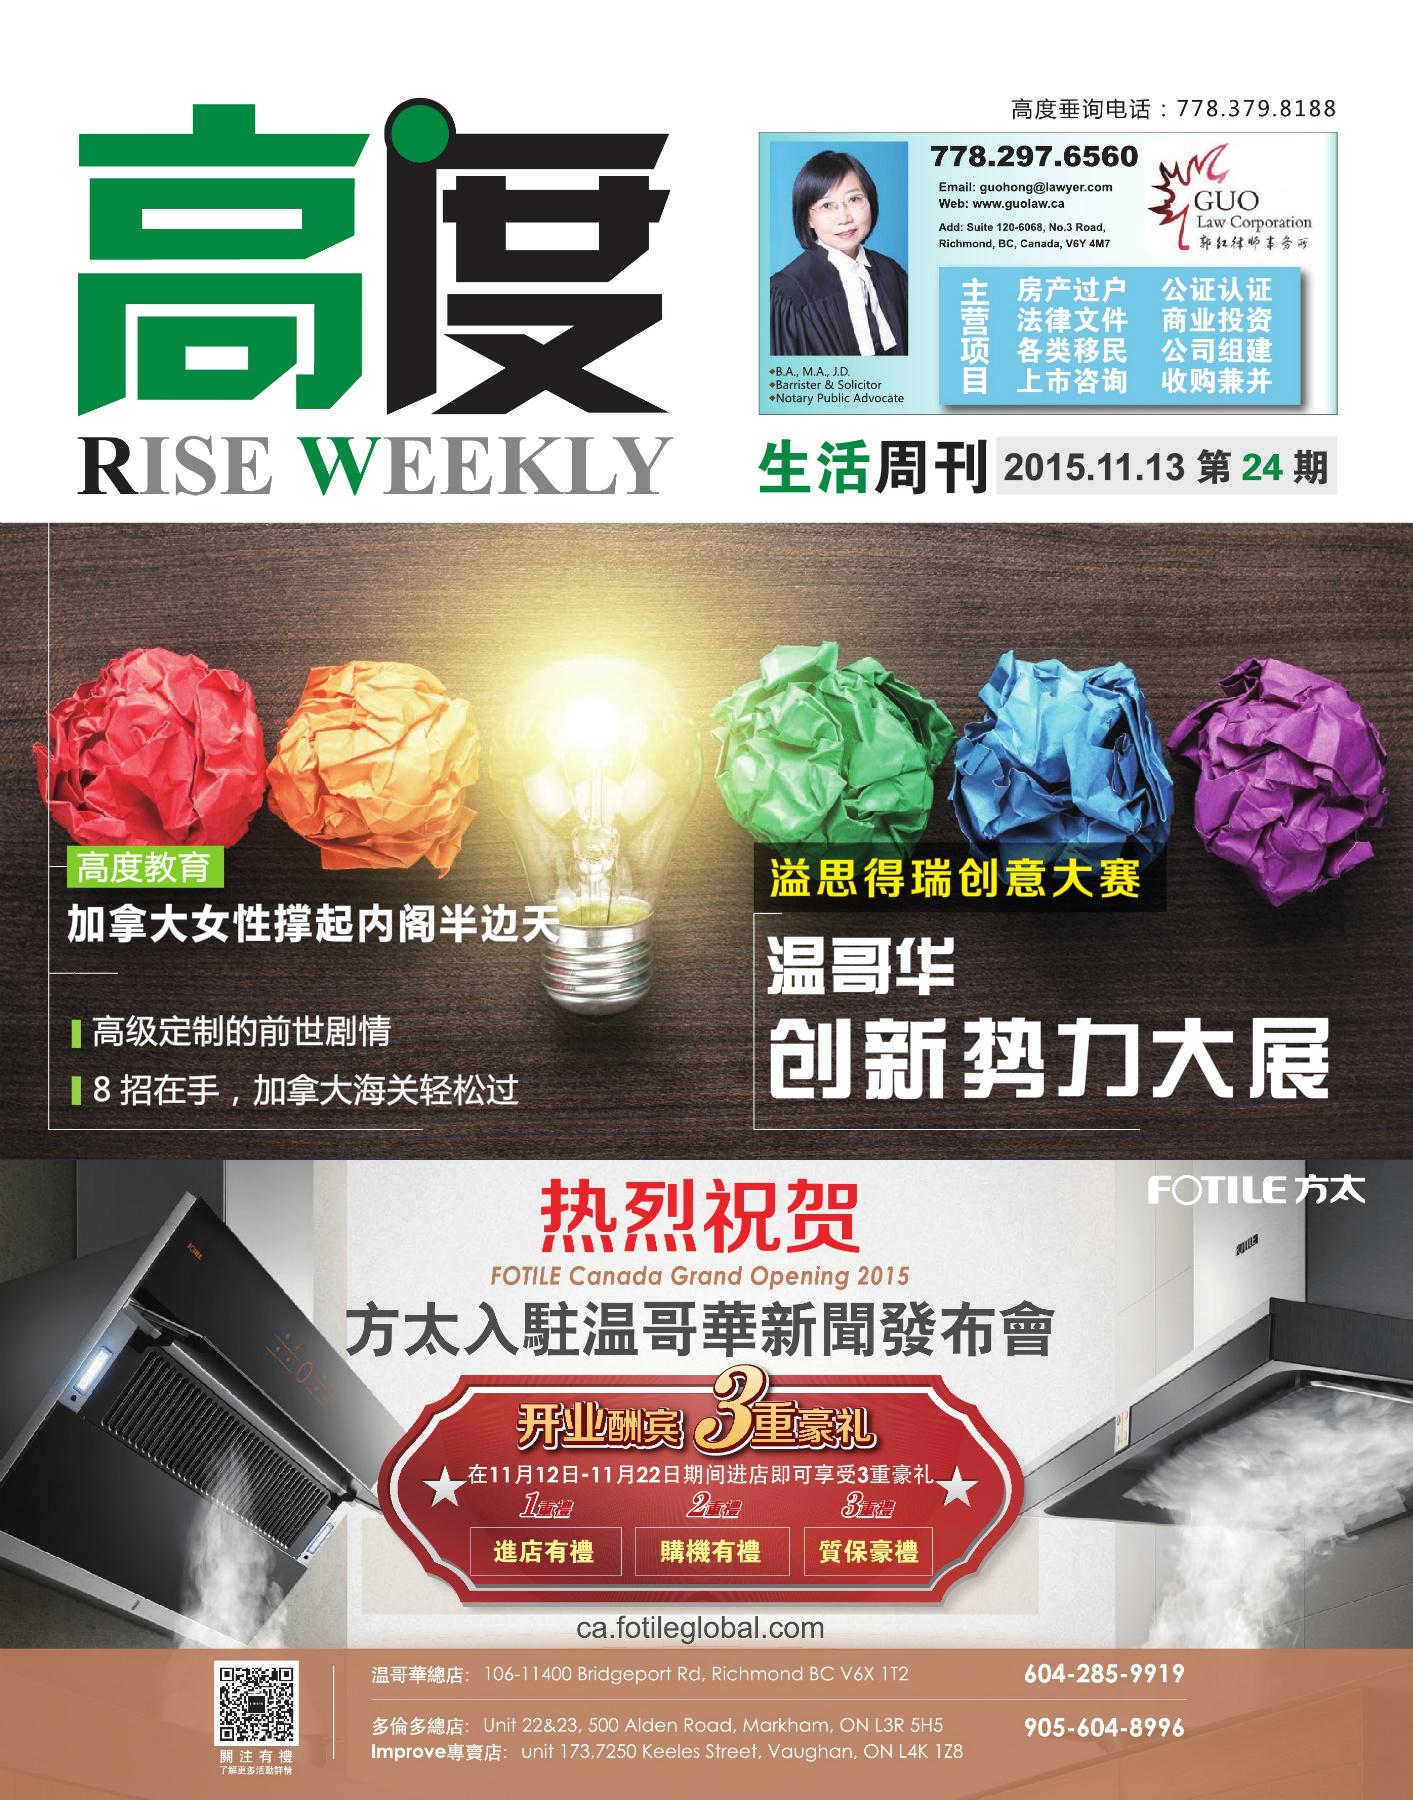 高度生活周刊 2015年11月13日 第24期